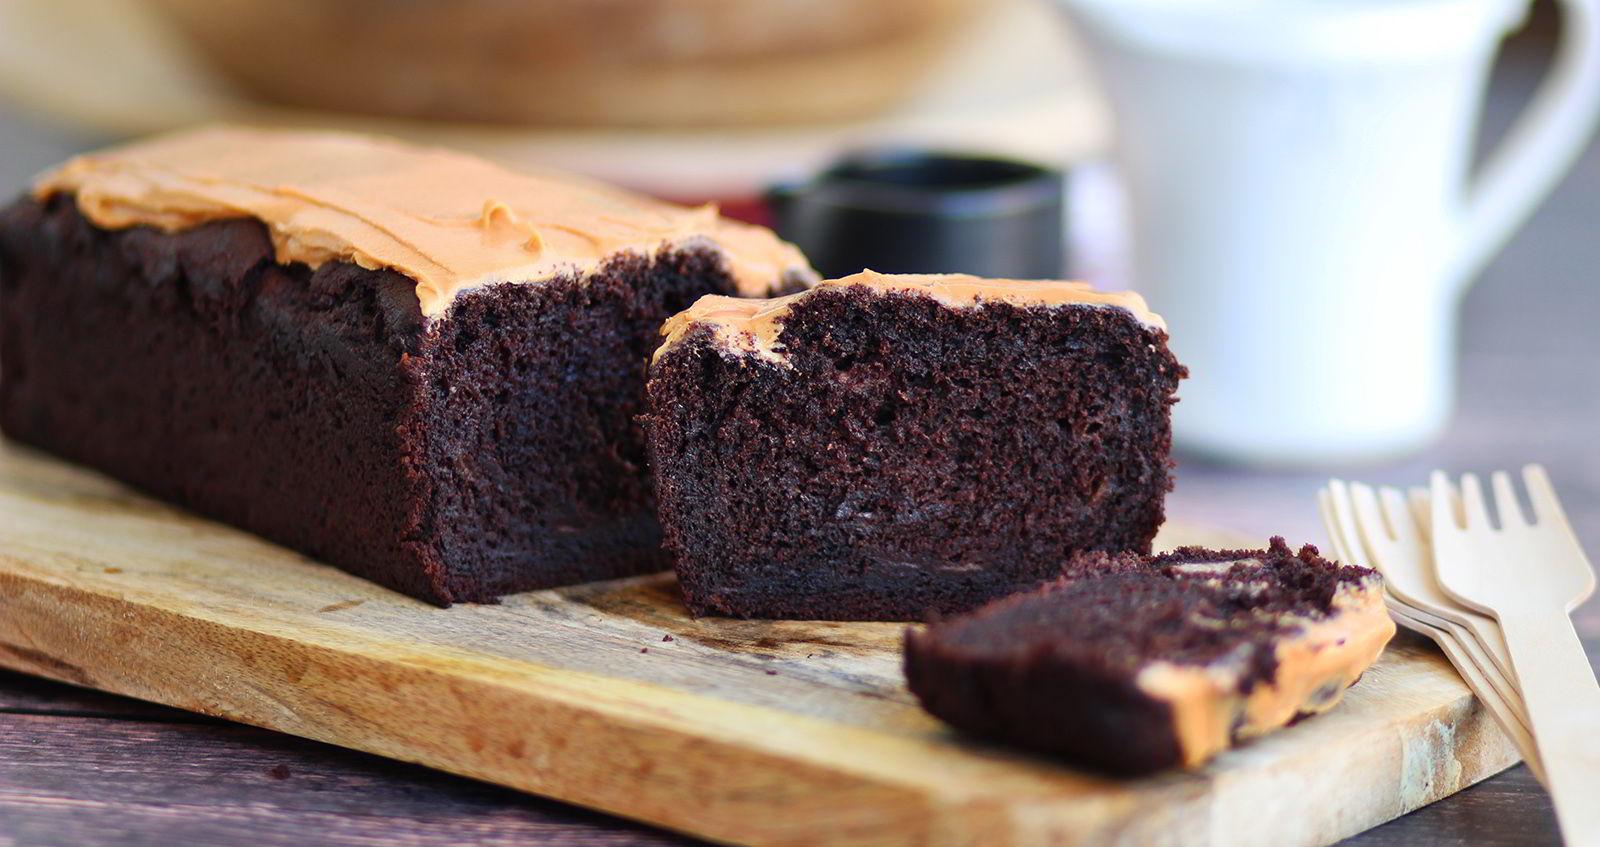 vegan, νηστίσιμο, κέικ, μπανάνα, κακάο. υγιεινό, κέικ, συνταγή, γρήγορη, απλή, cool artisan, Γαβριήλ Νικολαίδης 3